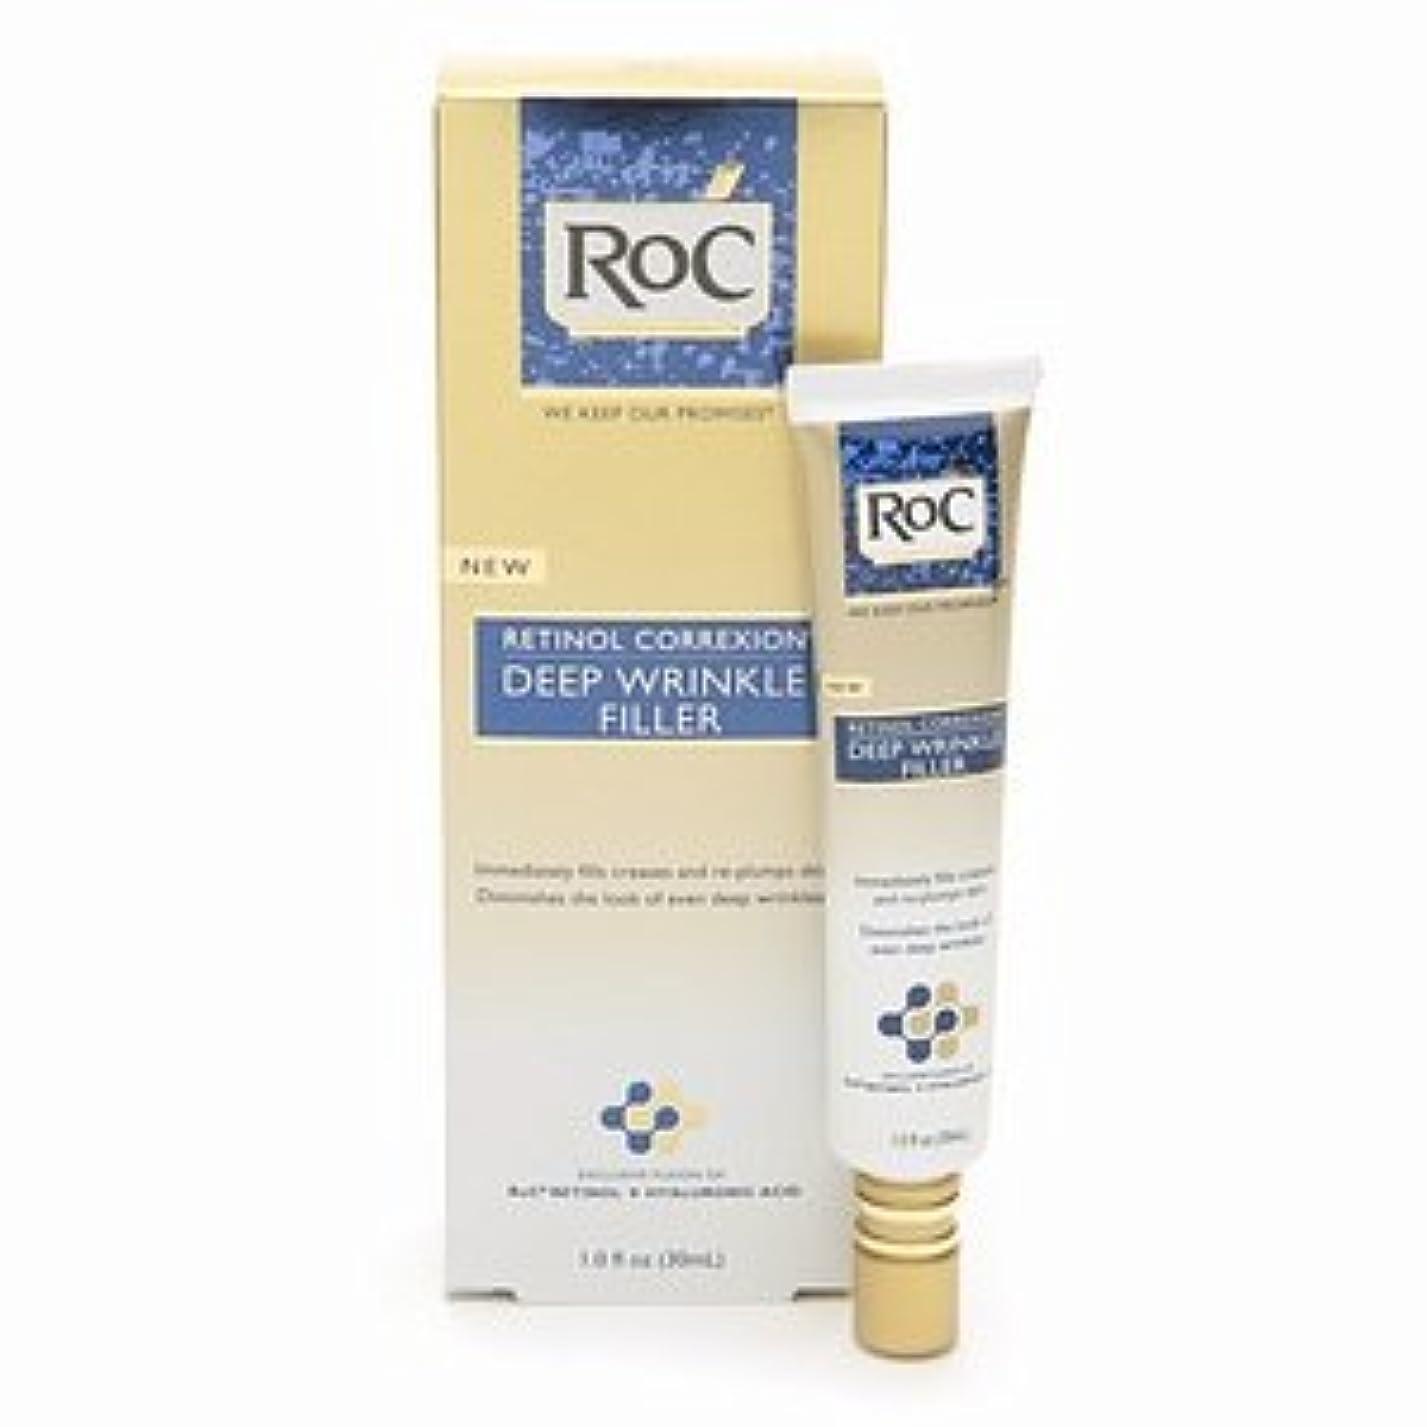 防ぐ宿退屈RoC レチノール コレクション ディープリンクル フィラー RoC Retinol Correxion Deep Wrinkle Filler